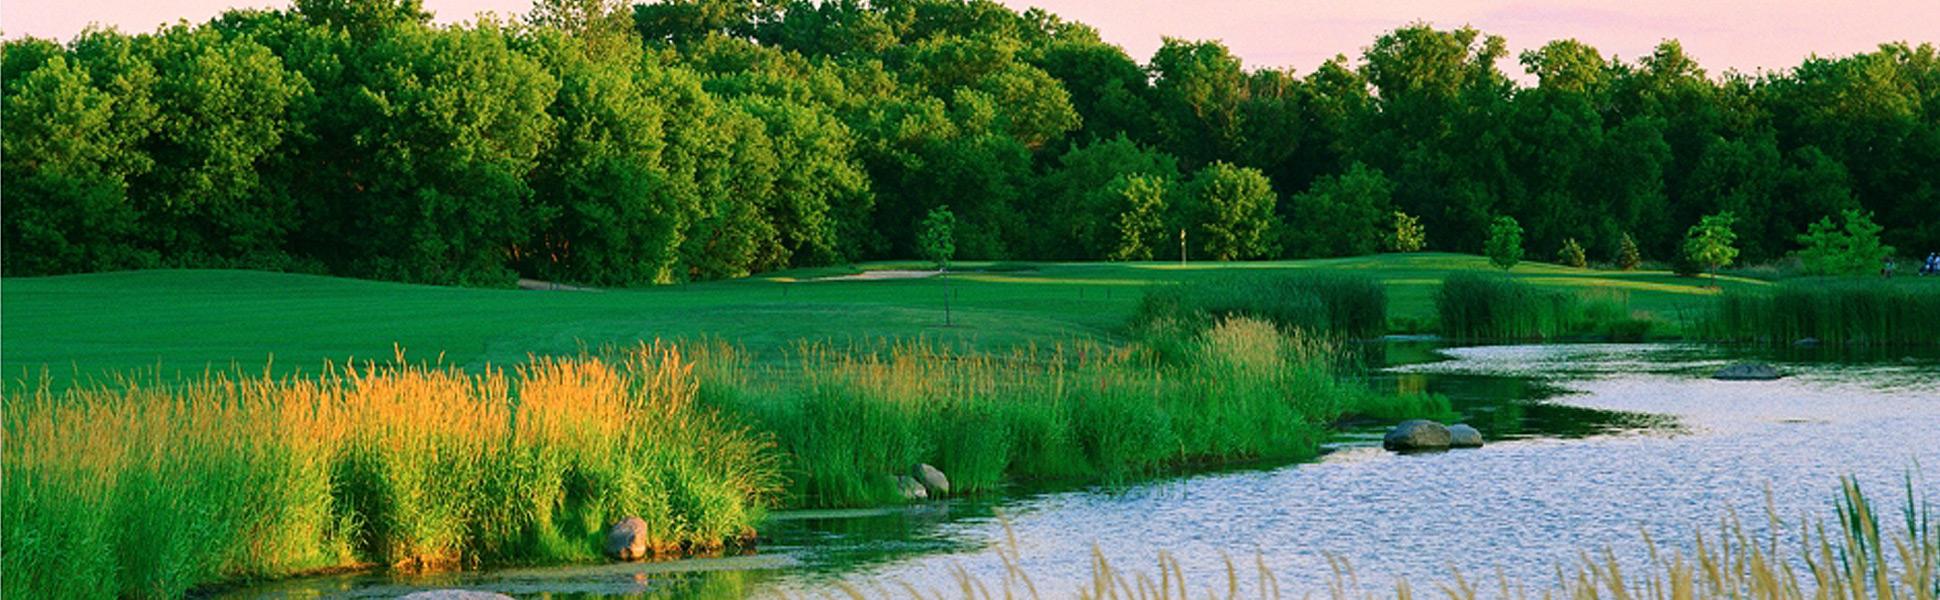 Leagues - The Bridges Golf Course